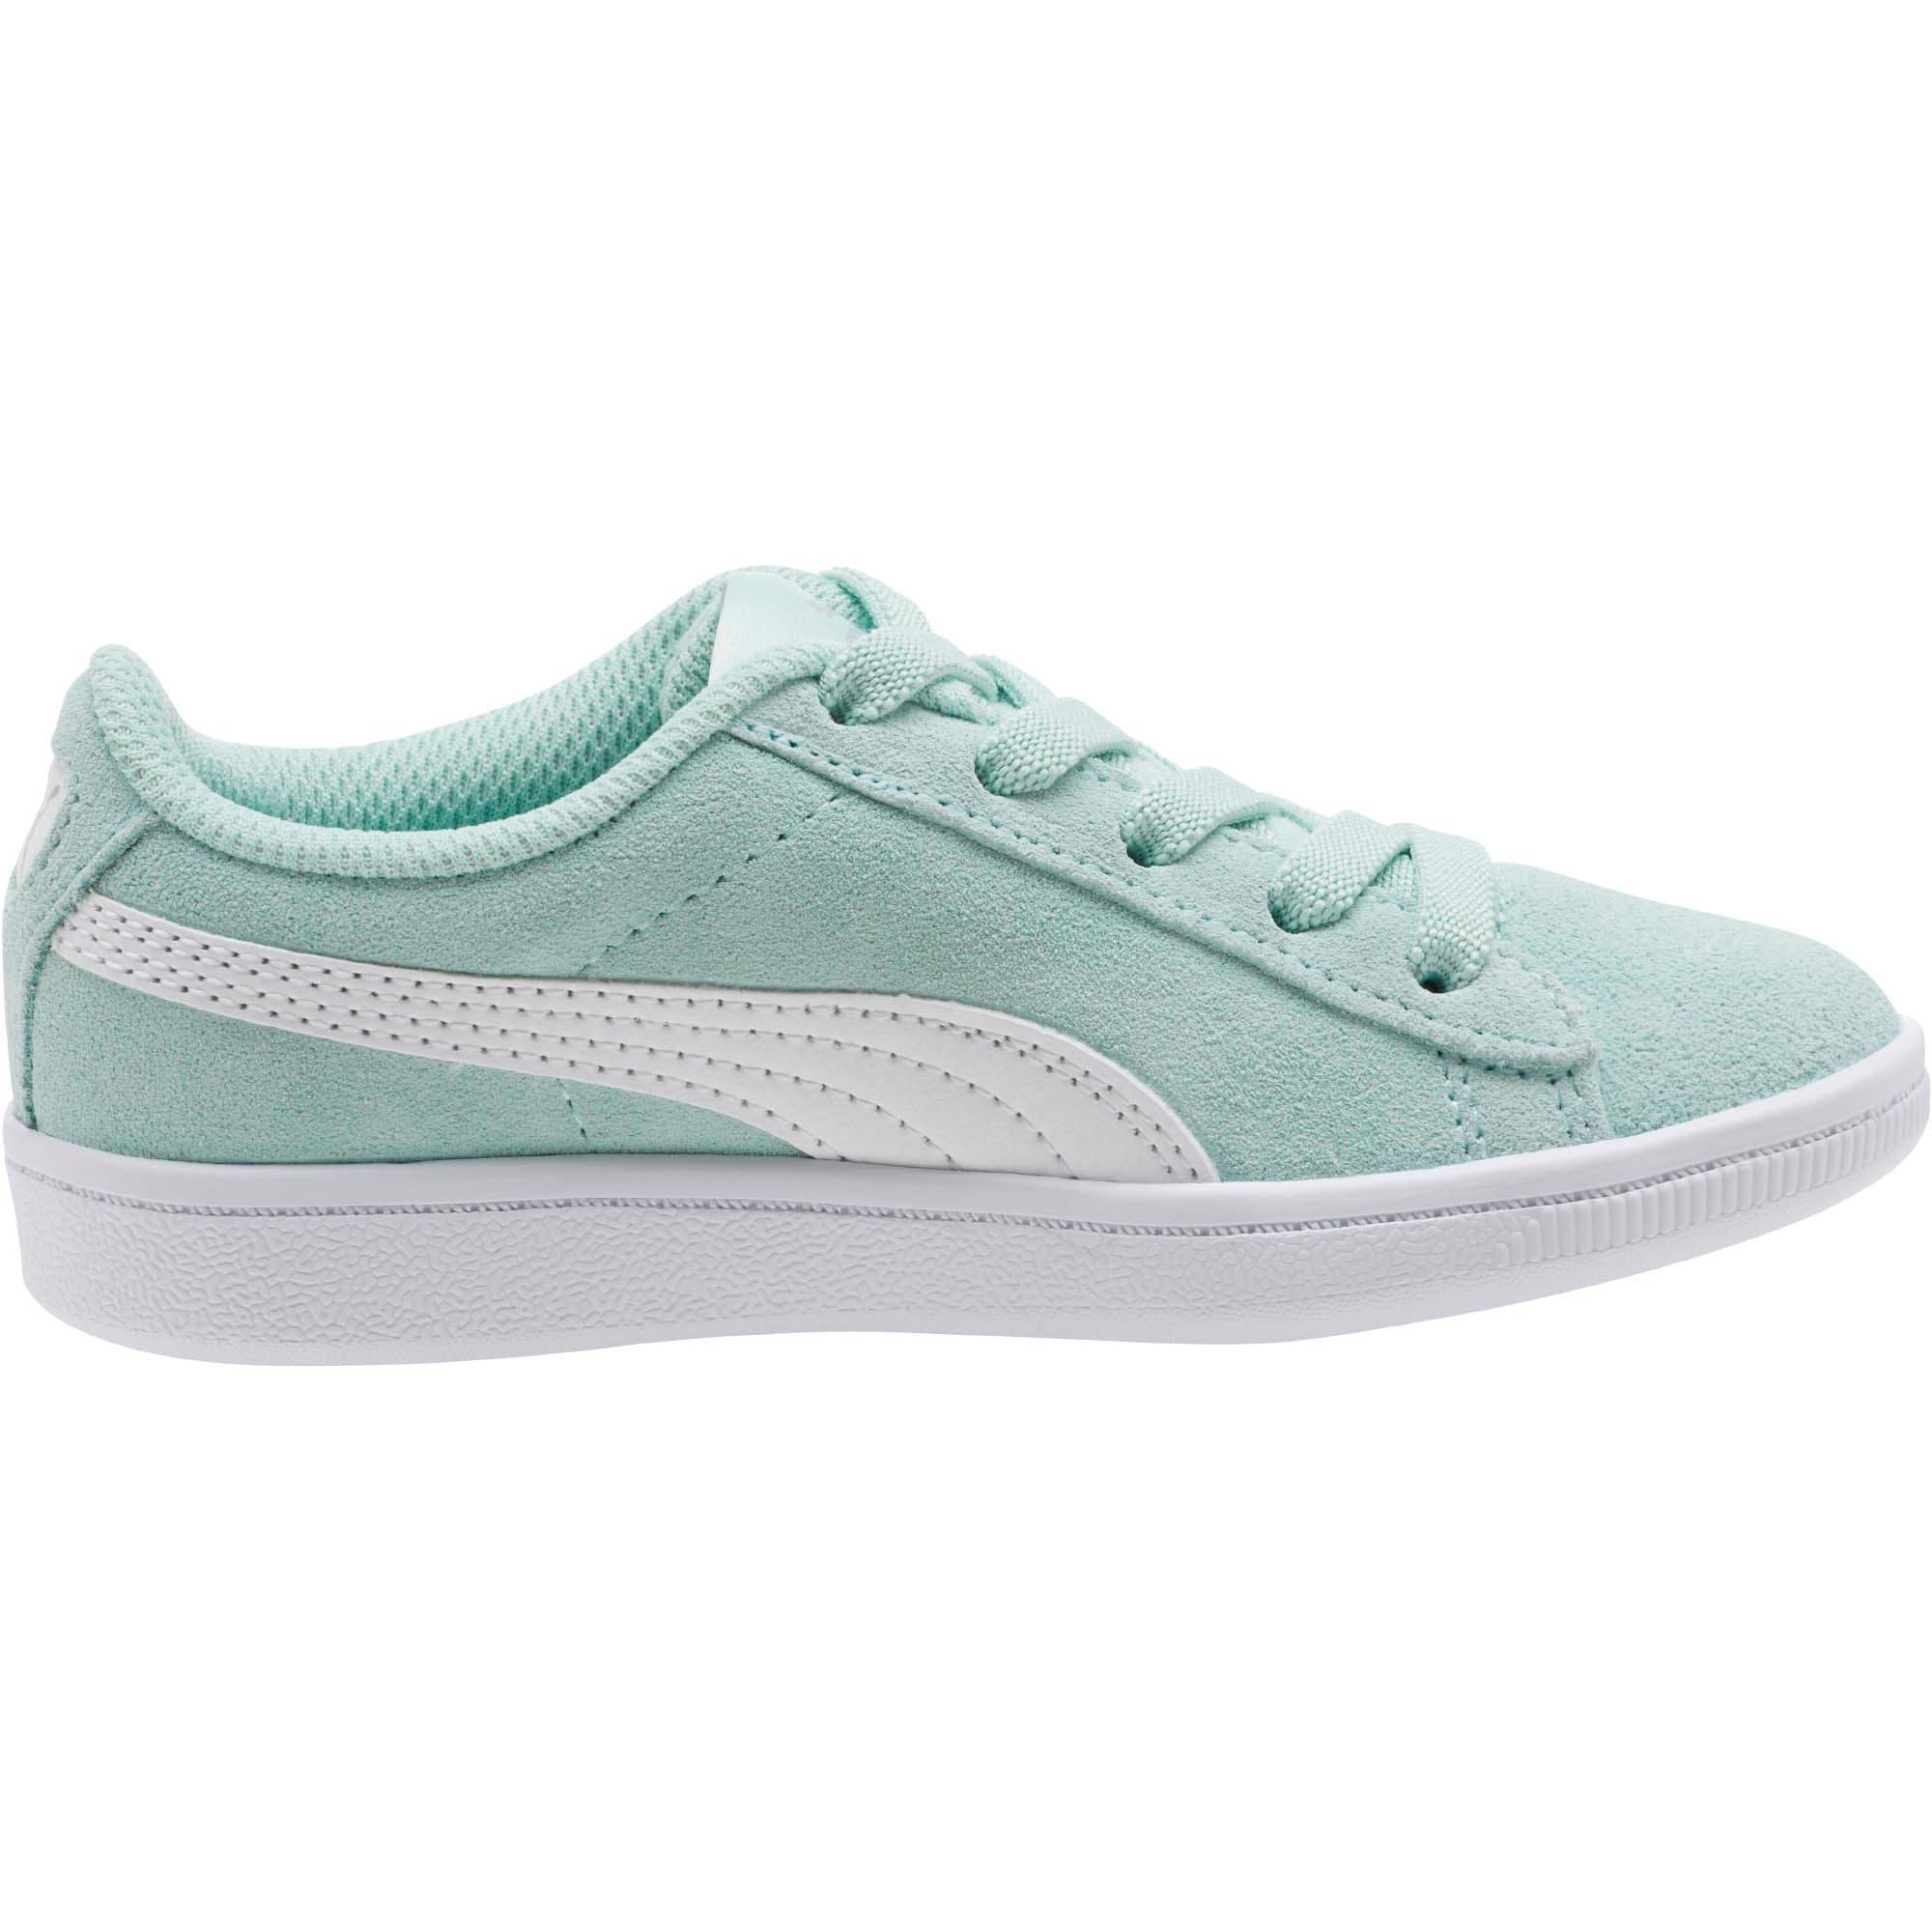 Thumbnail 3 of PUMA Vikky AC Little Kids' Shoes, Fair Aqua-Puma White, medium